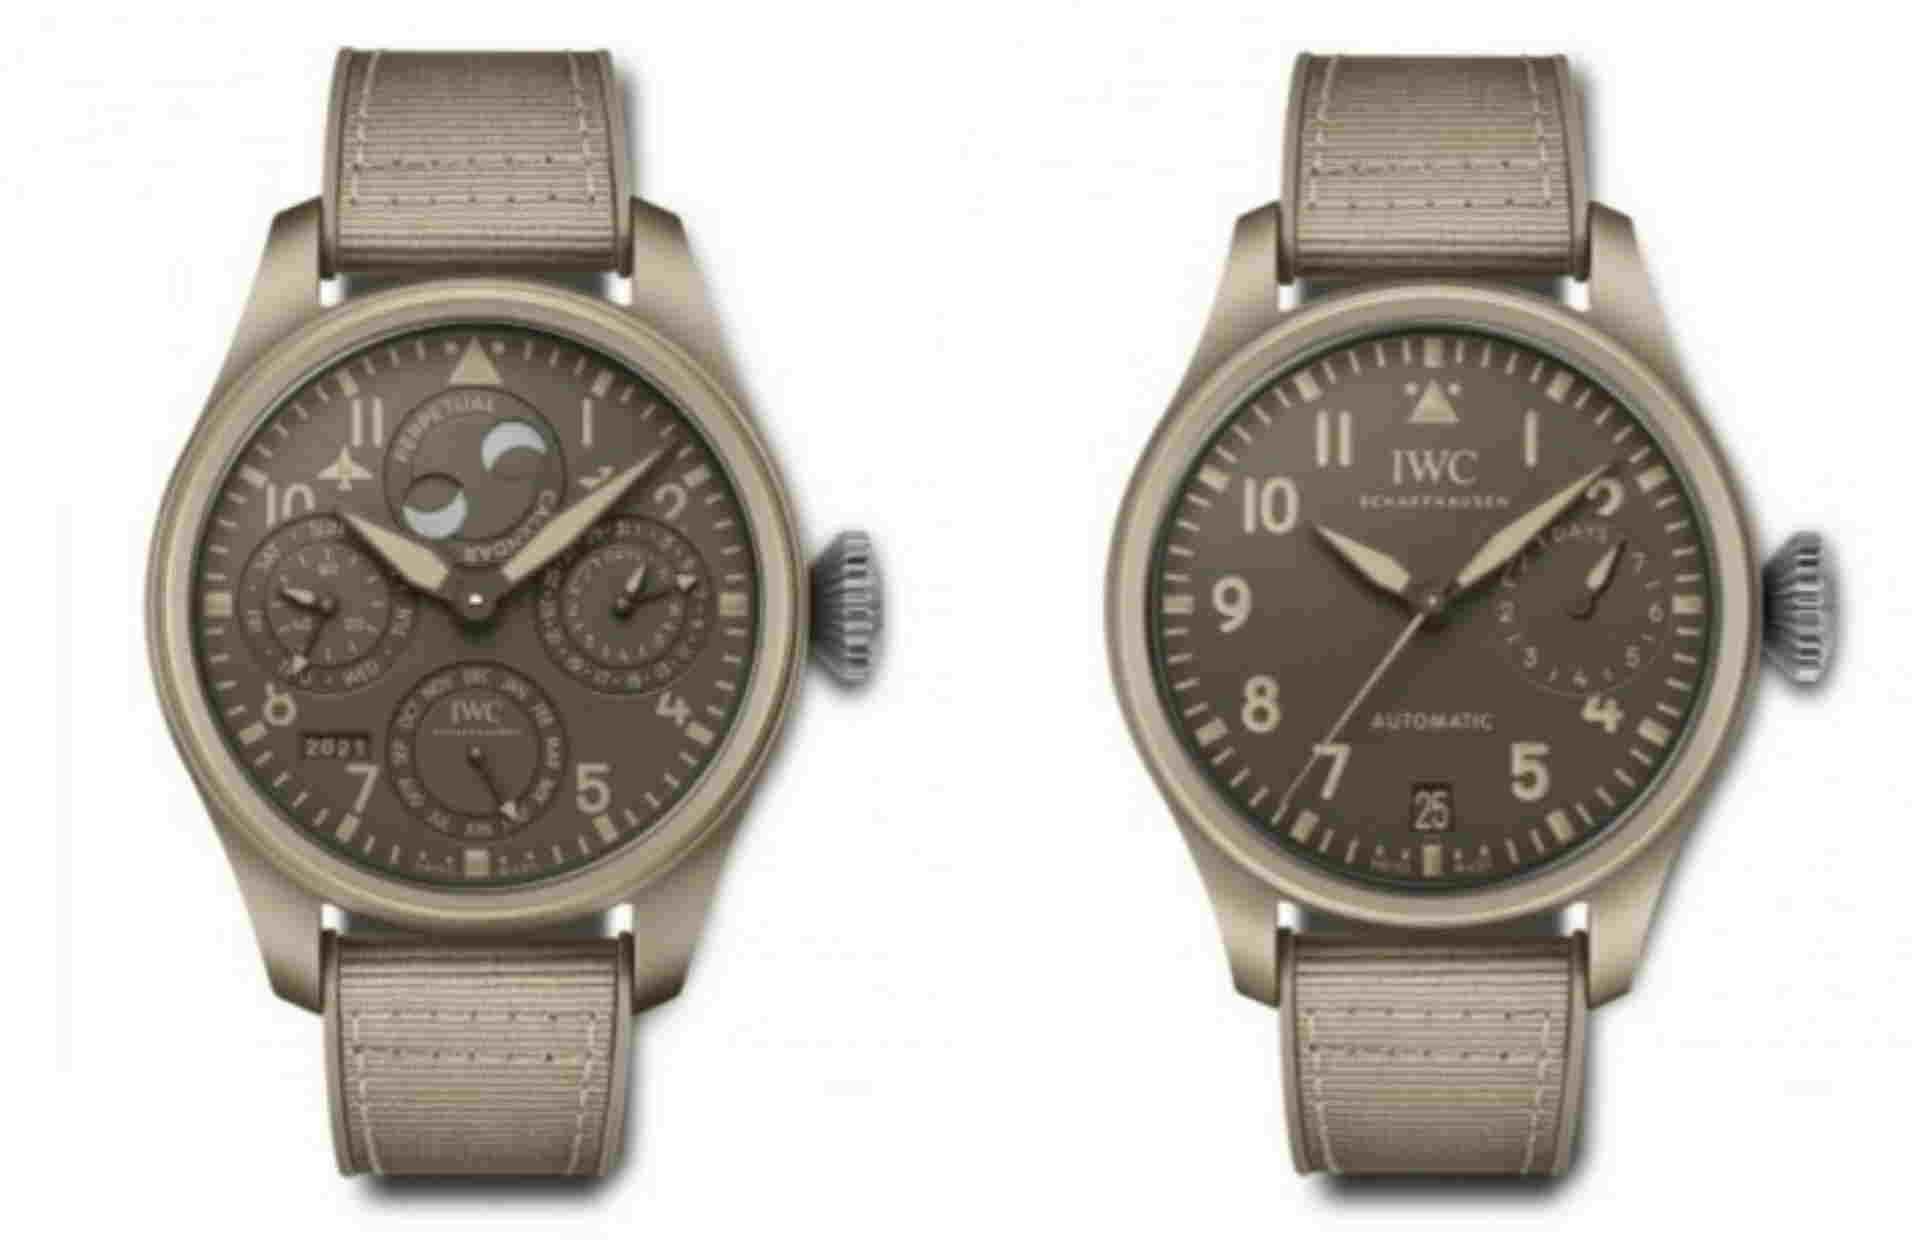 Δύο νέα σκληροτράχηλα ρολόγια από την IWC με στρατιωτικό DNA